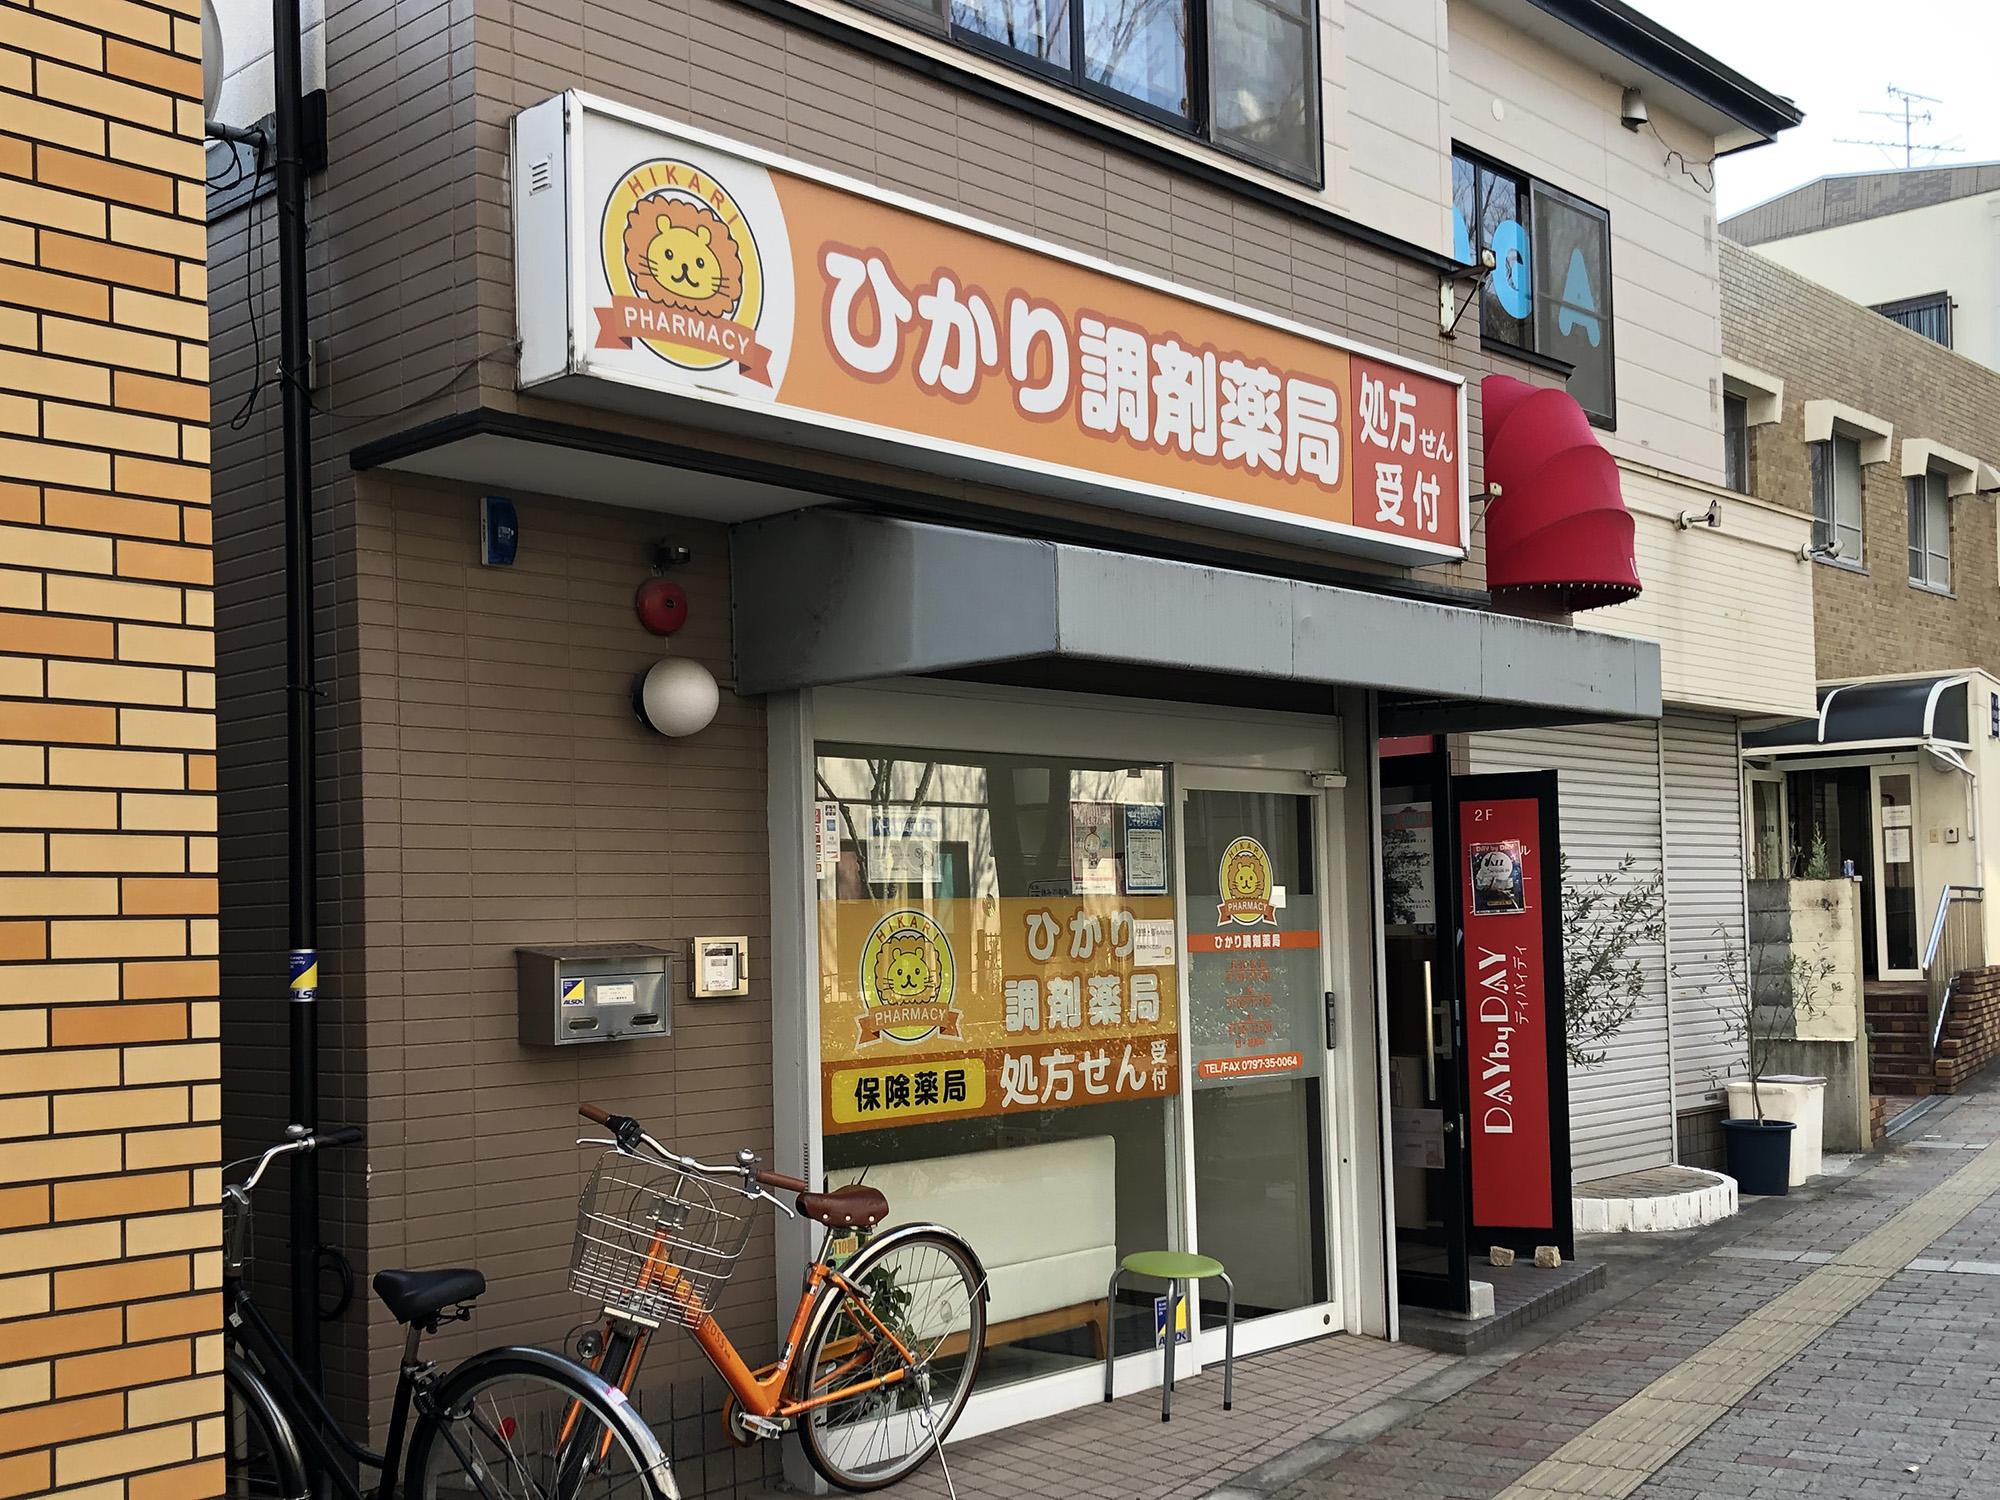 ひかり調剤薬局芦屋店